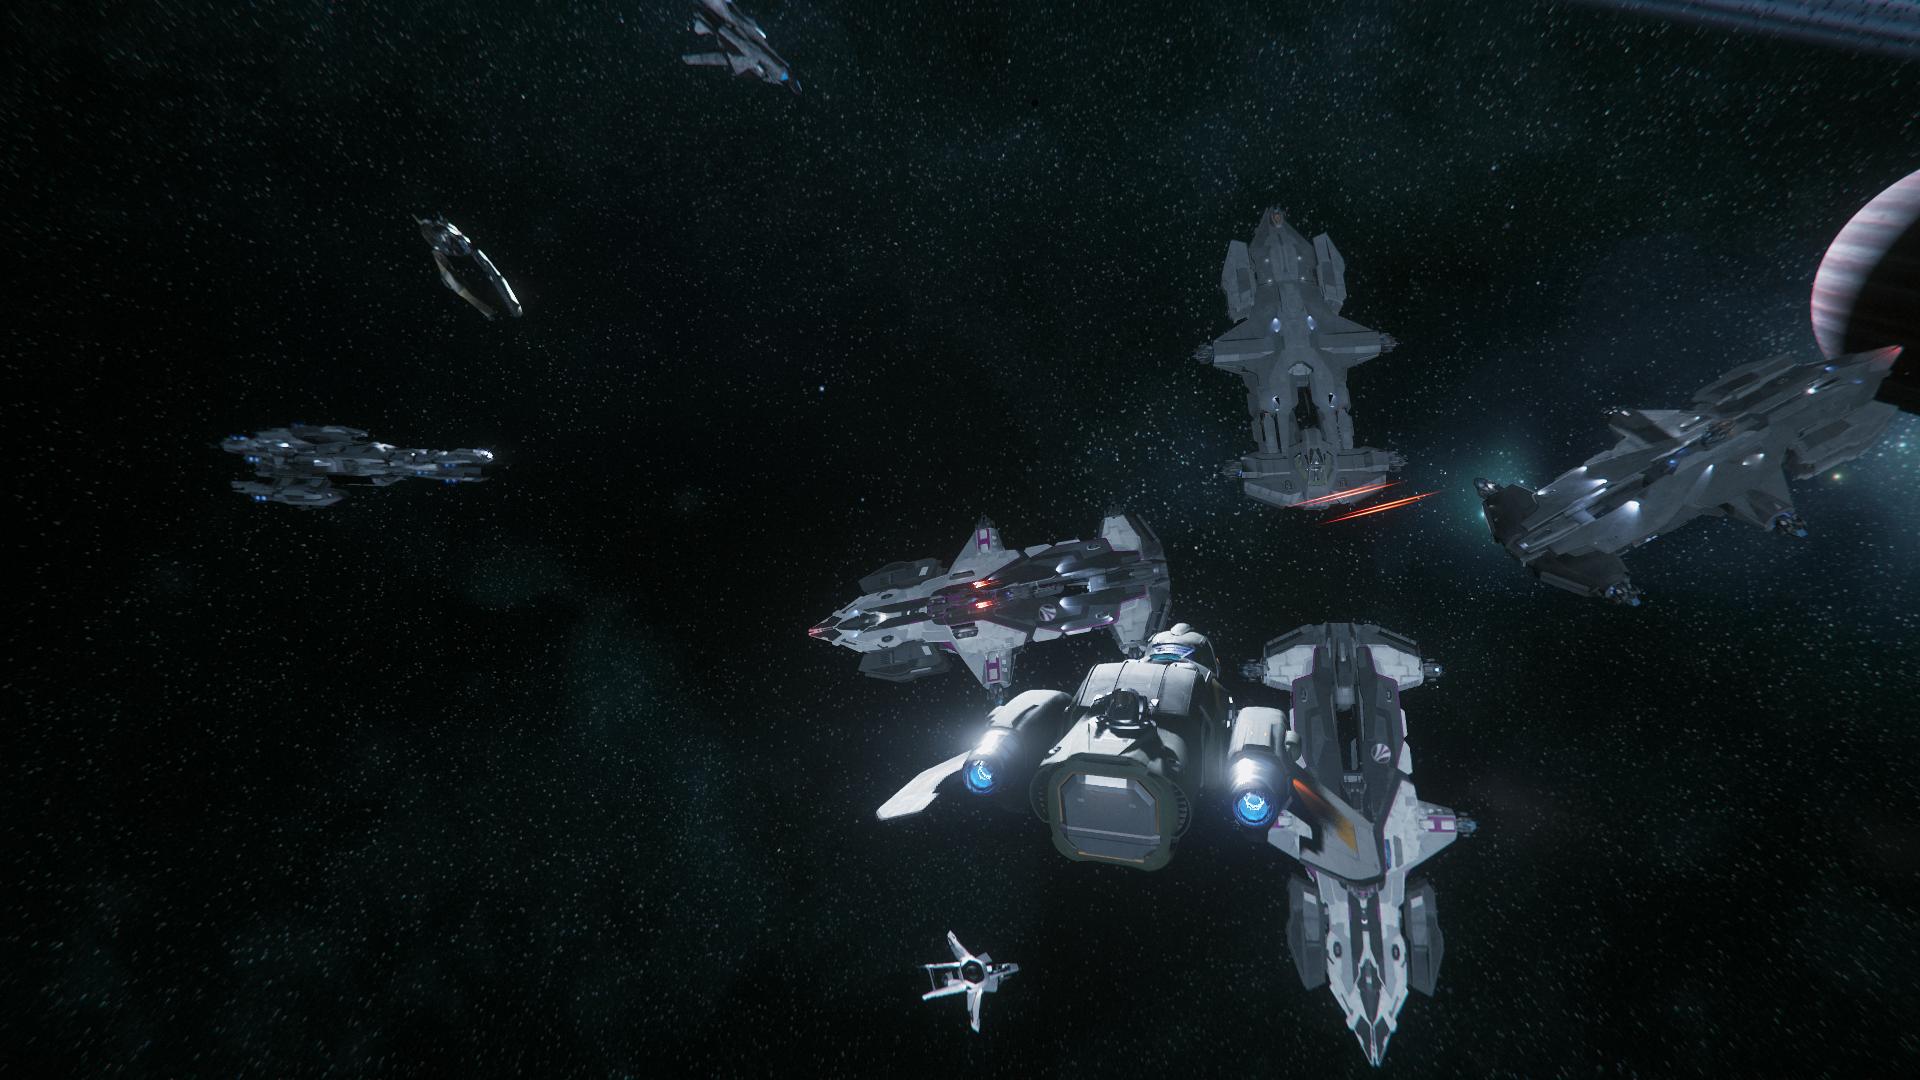 Squadron 42 - Star Citizen Screenshot 2019.12.27 - 21.32.56.20